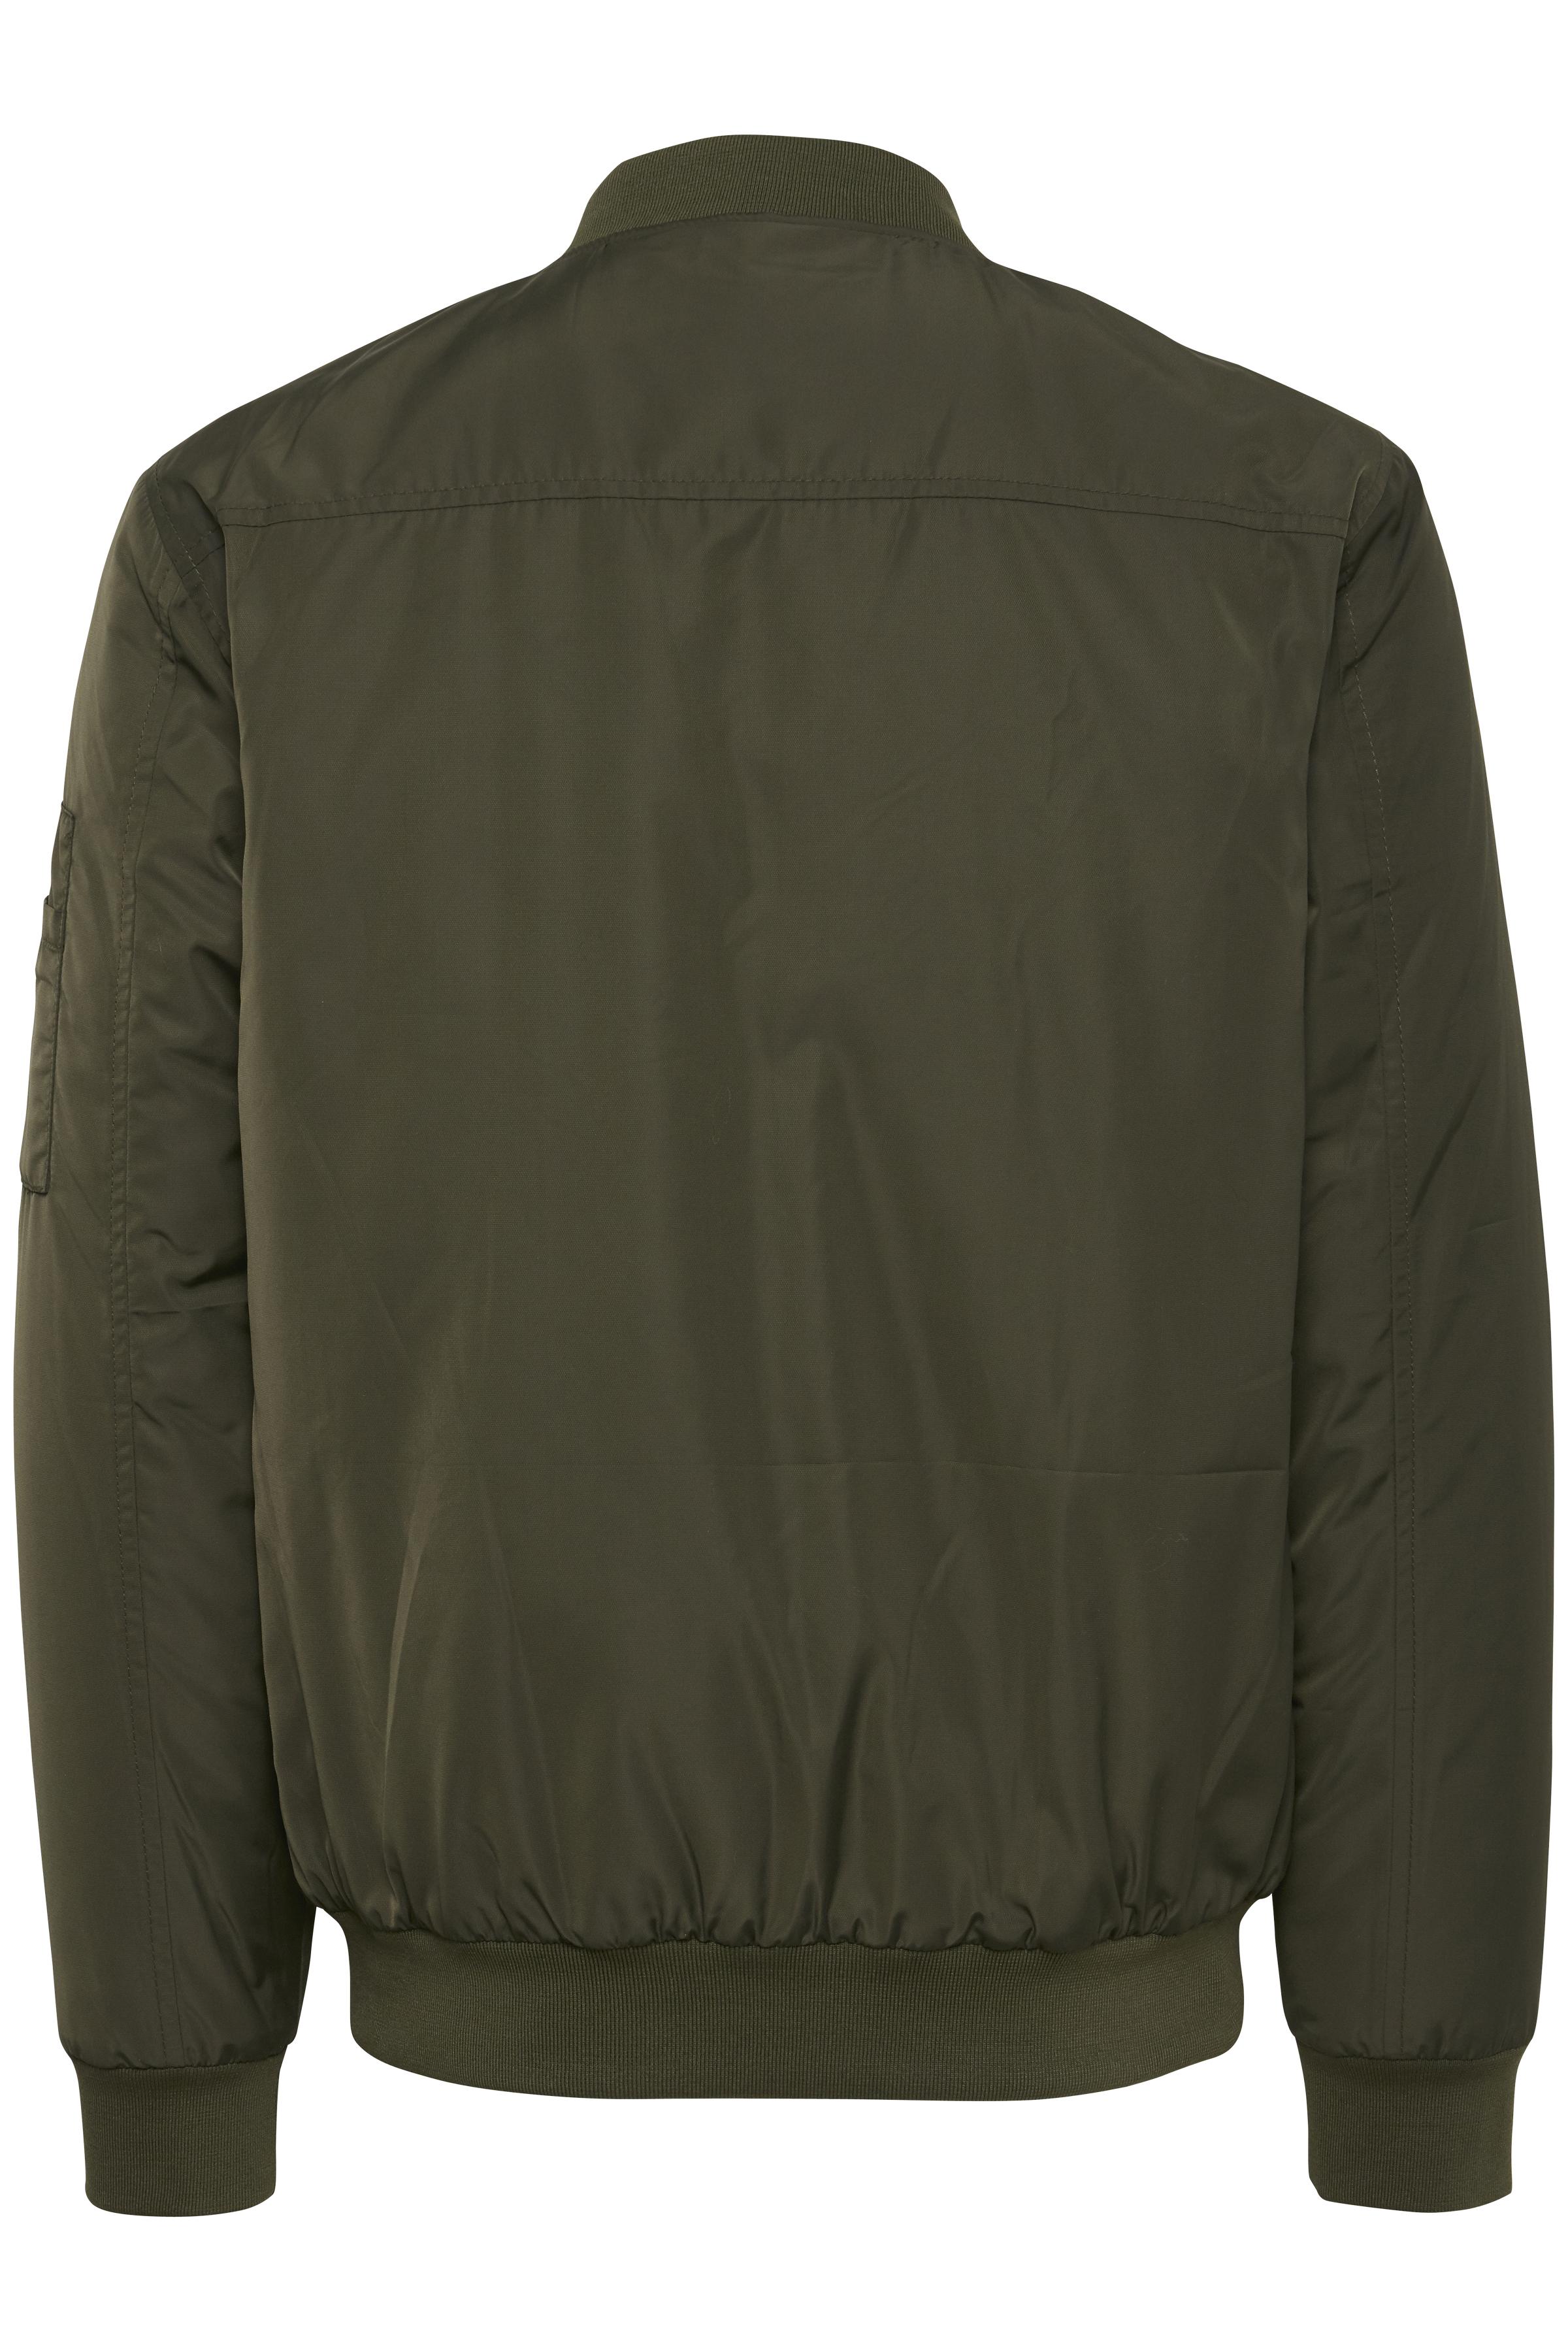 Olivengrøn Frakke fra Blend He – Køb Olivengrøn Frakke fra str. S-3XL her